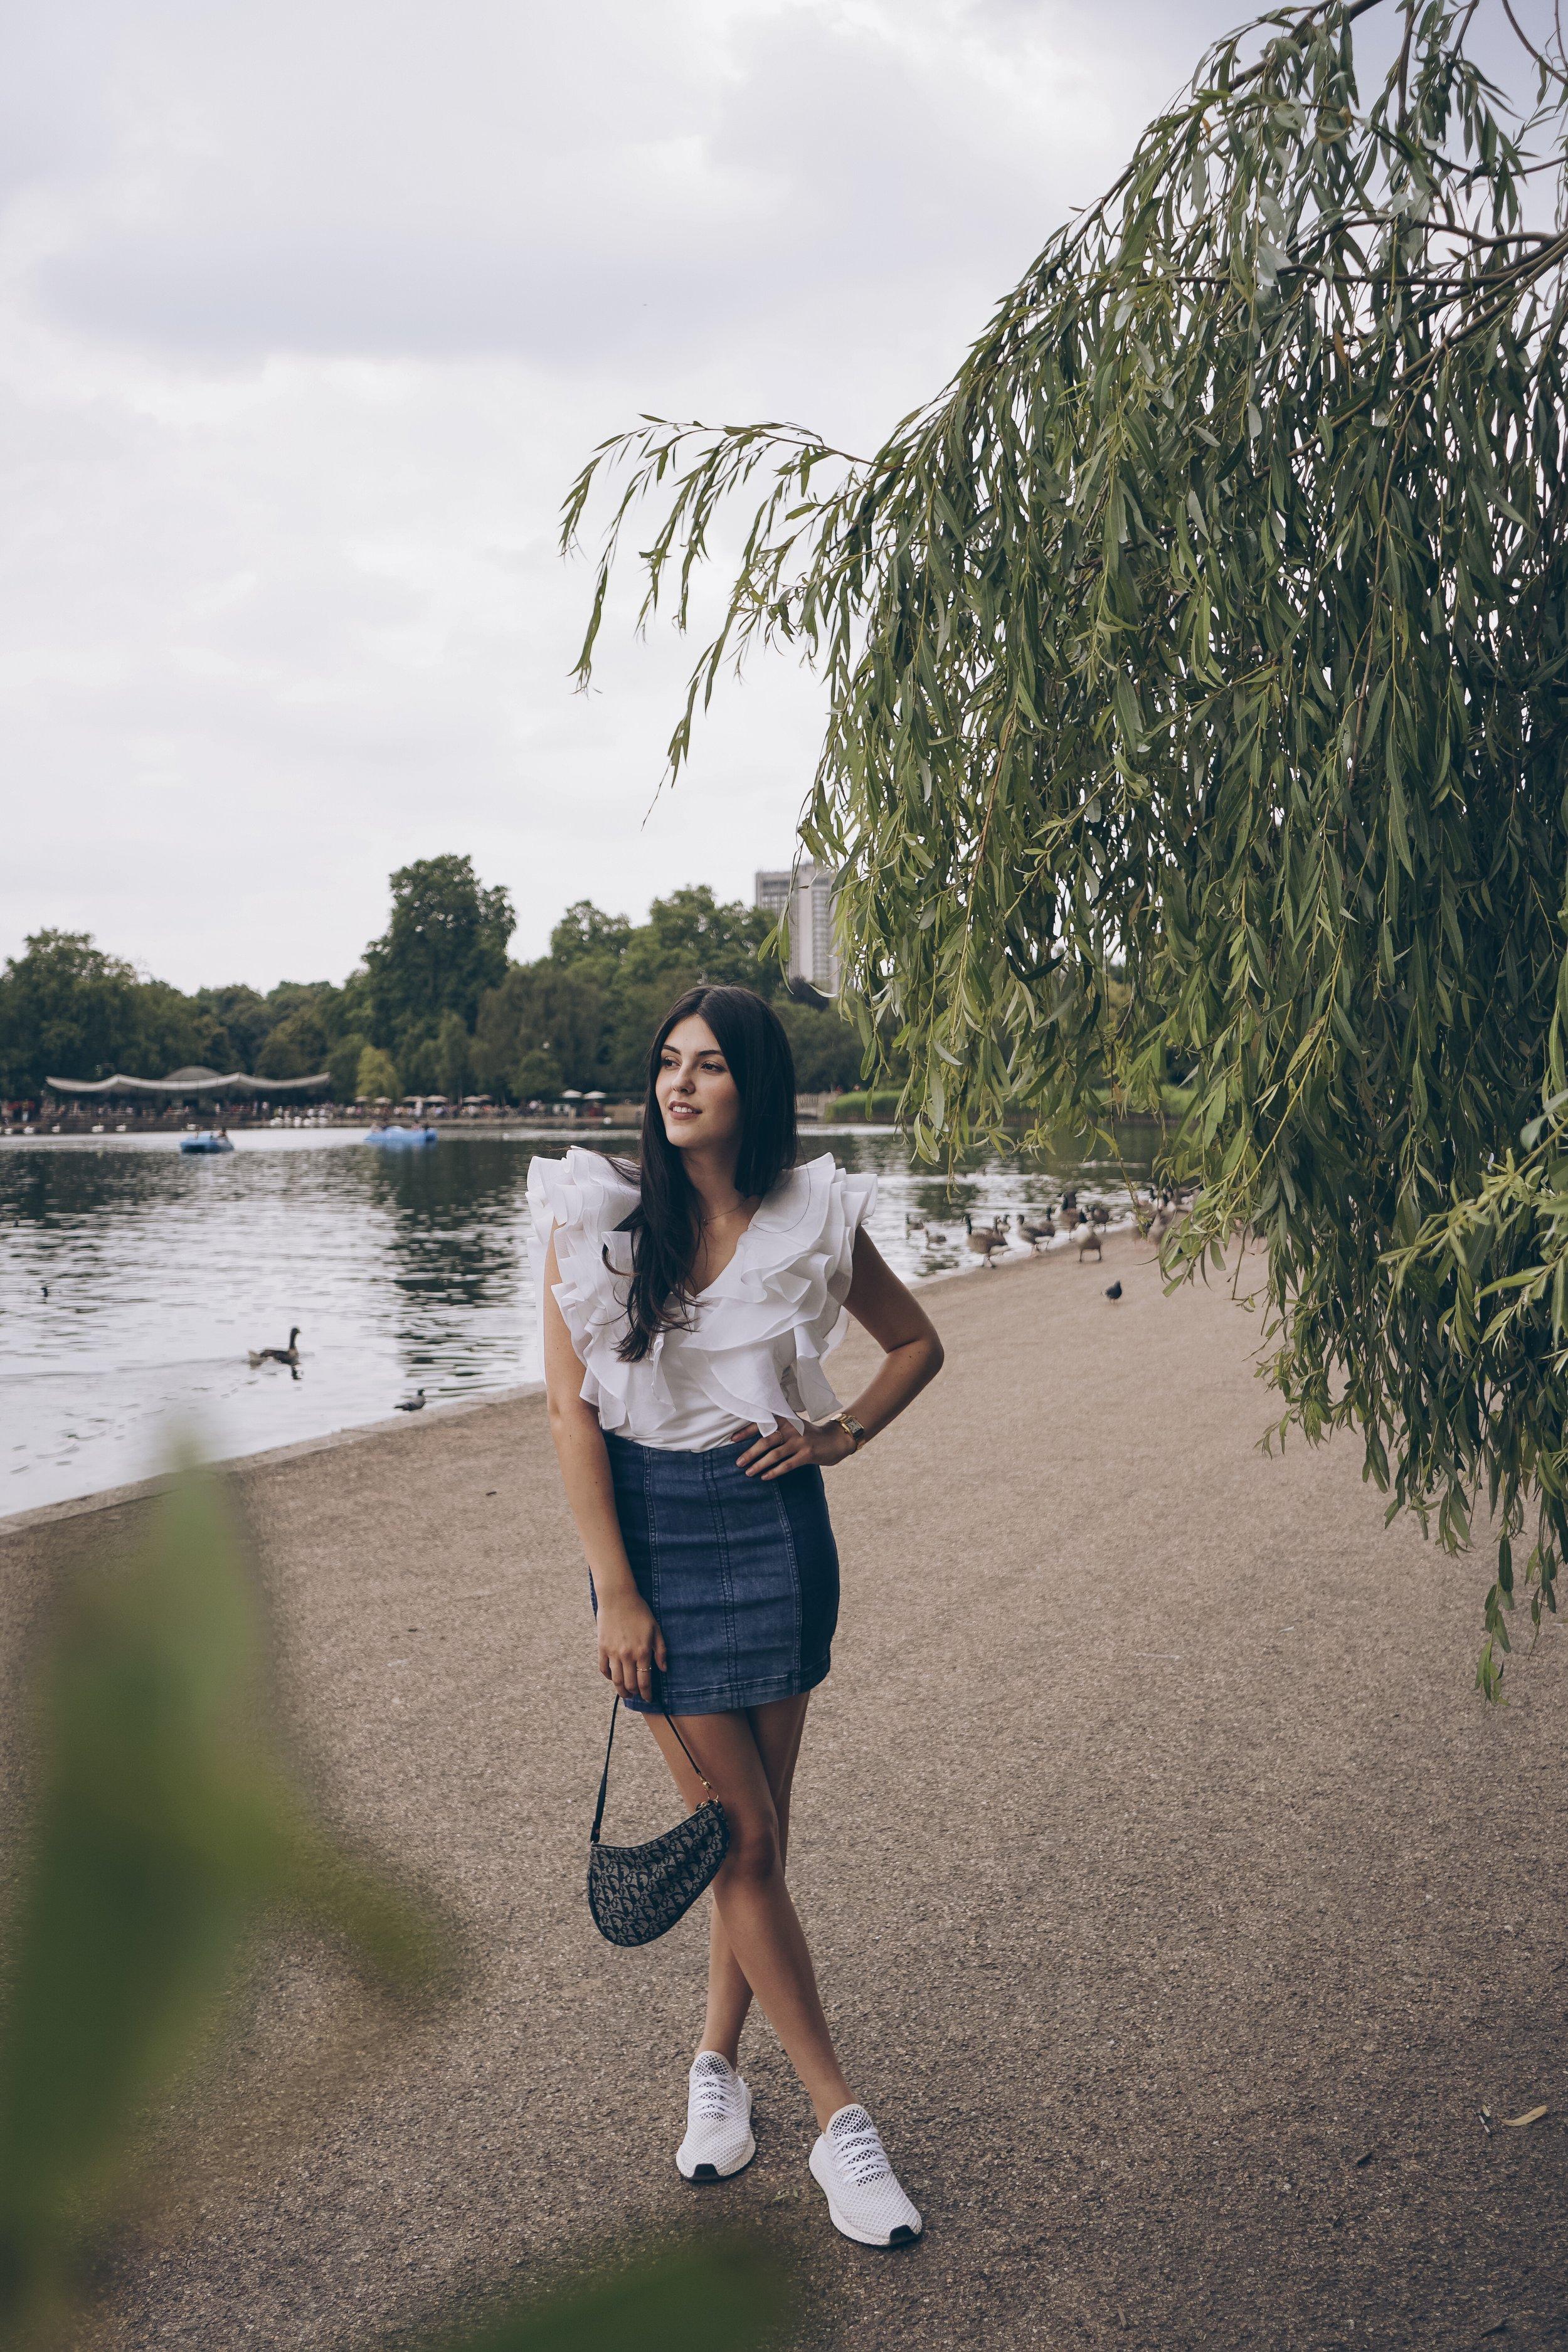 Julia Friedman Hyde Park